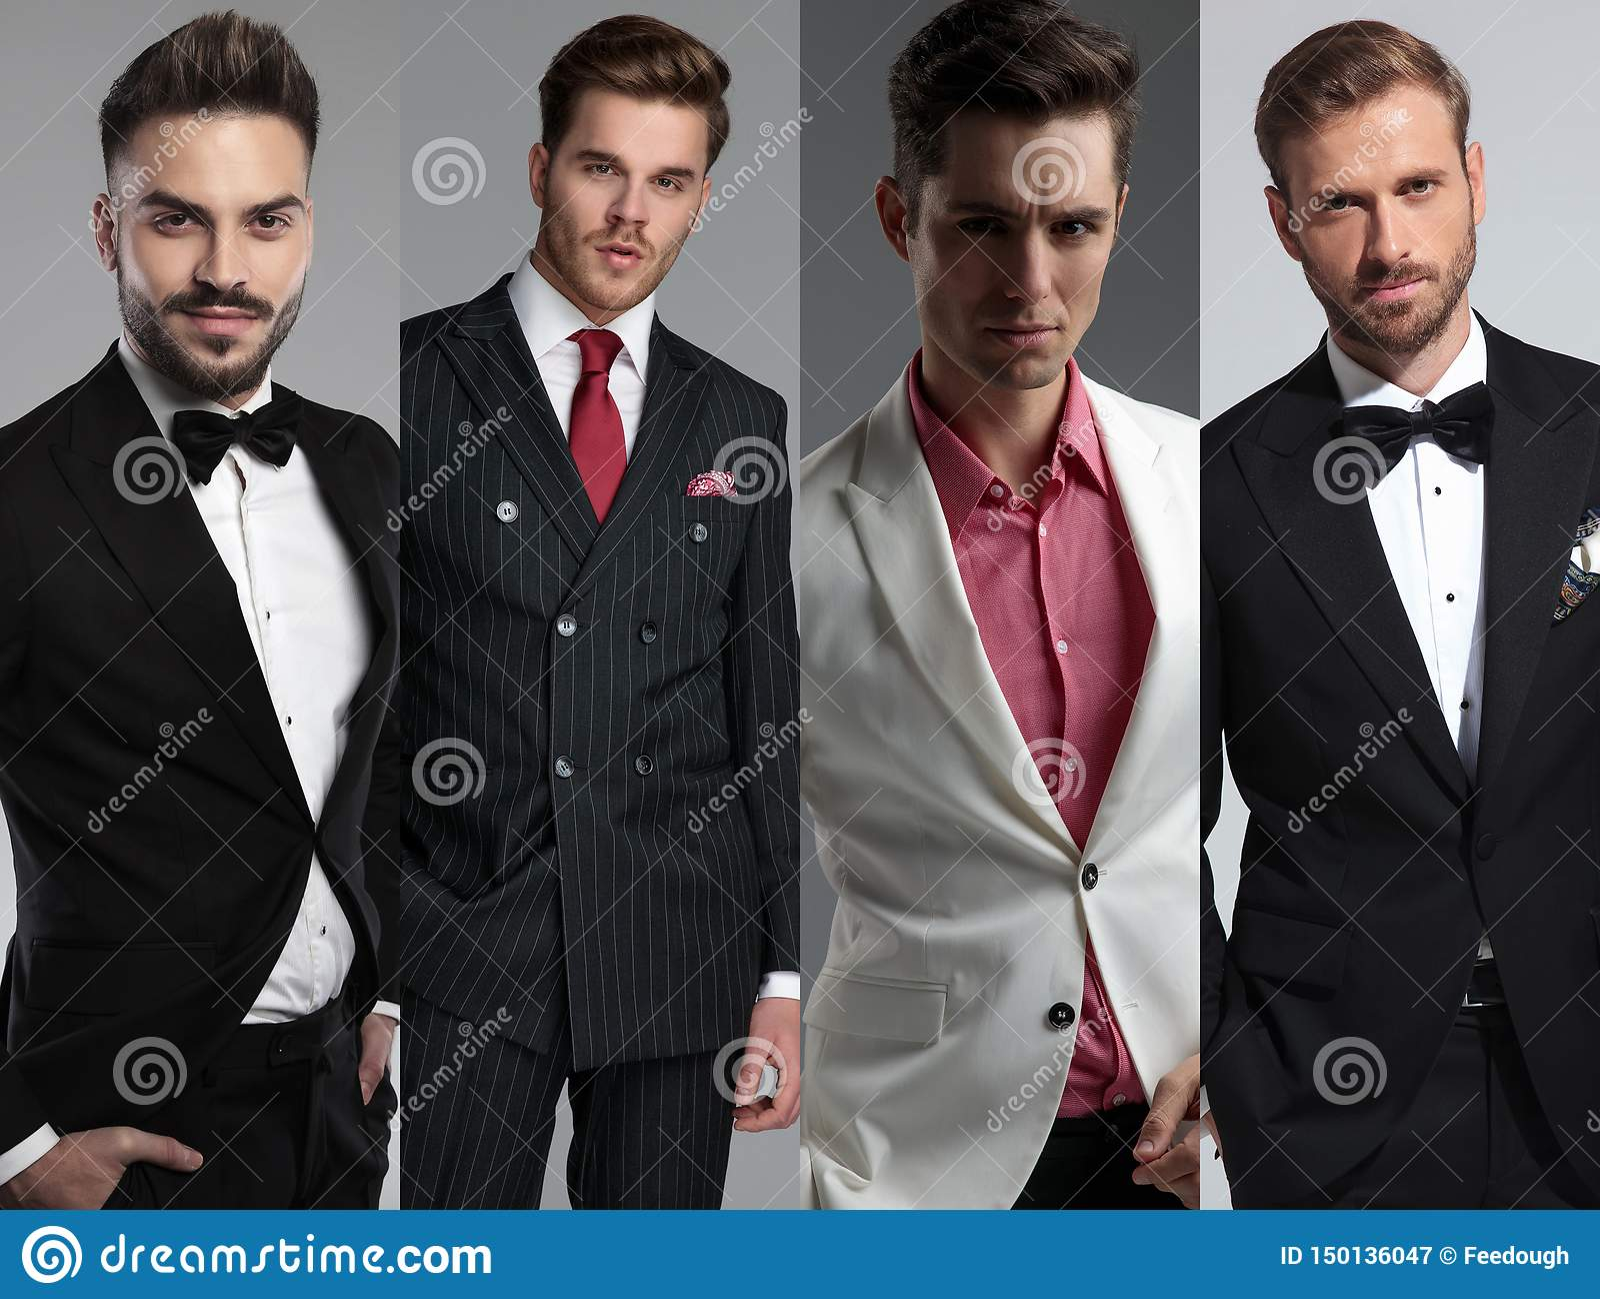 Kolażu wizerunek cztery różnego nowożytnych mężczyzn portreta